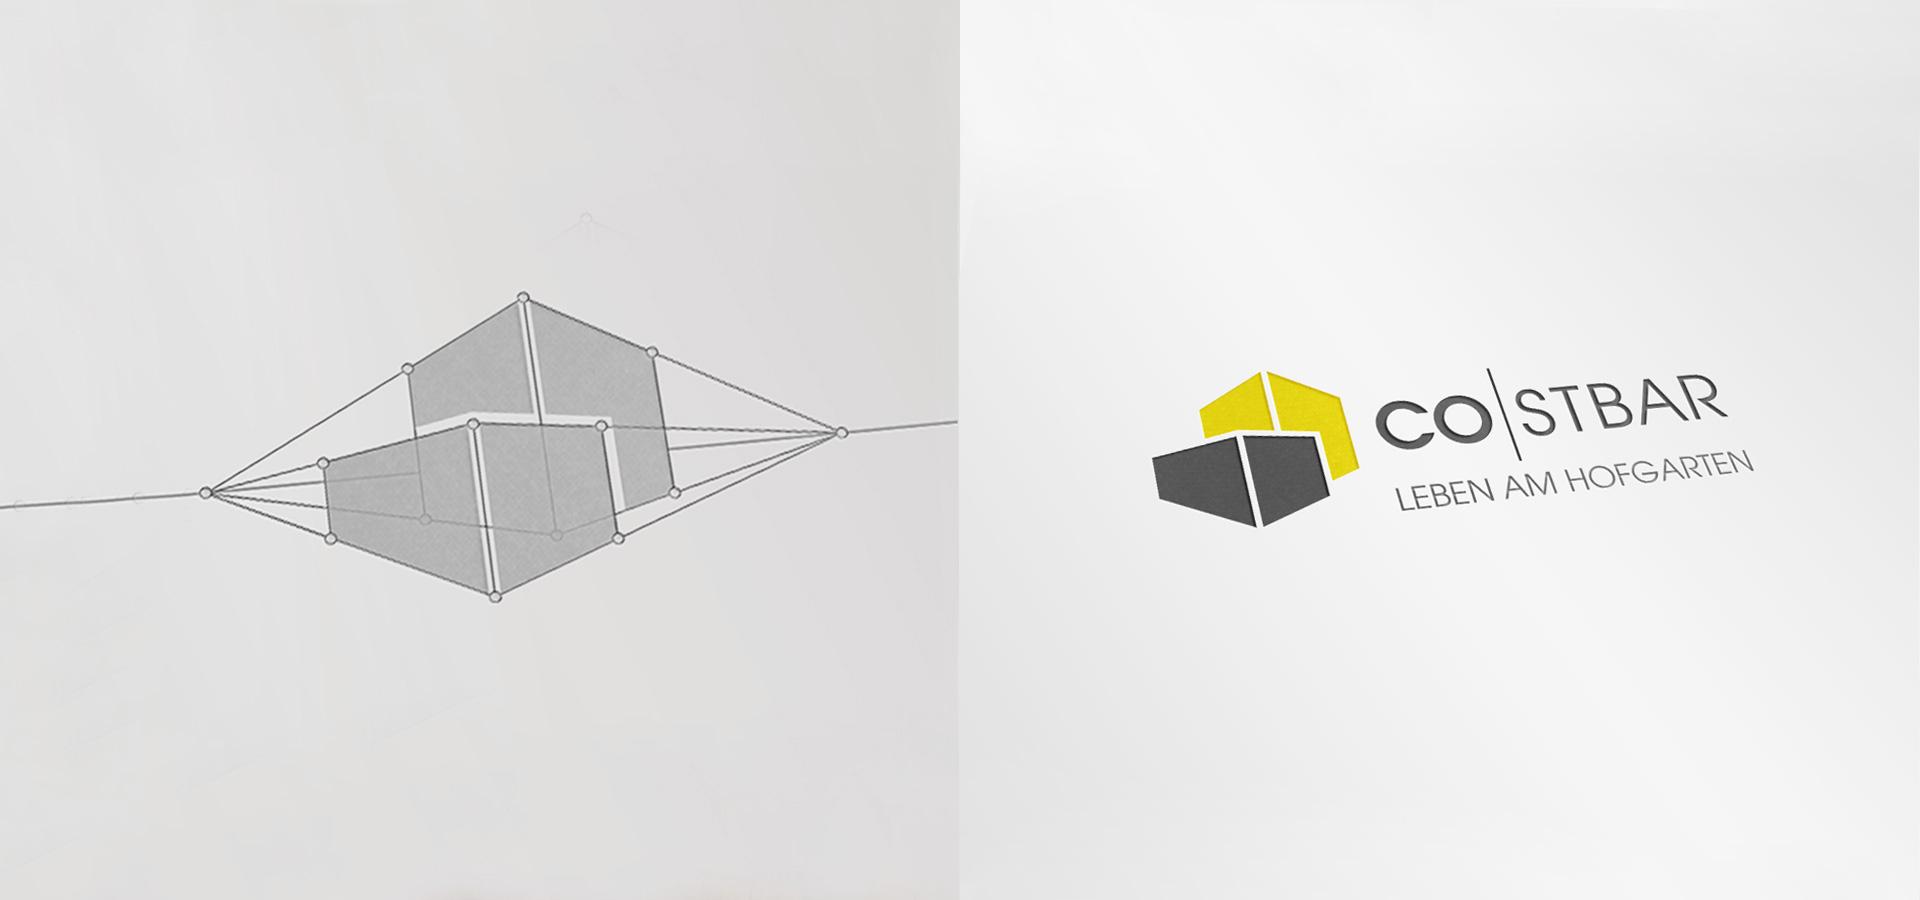 OPUS Marketing / Immobilienmarketing / Markenaufbau / Logo / Herleitung / Costbar Leben am Hofgarten